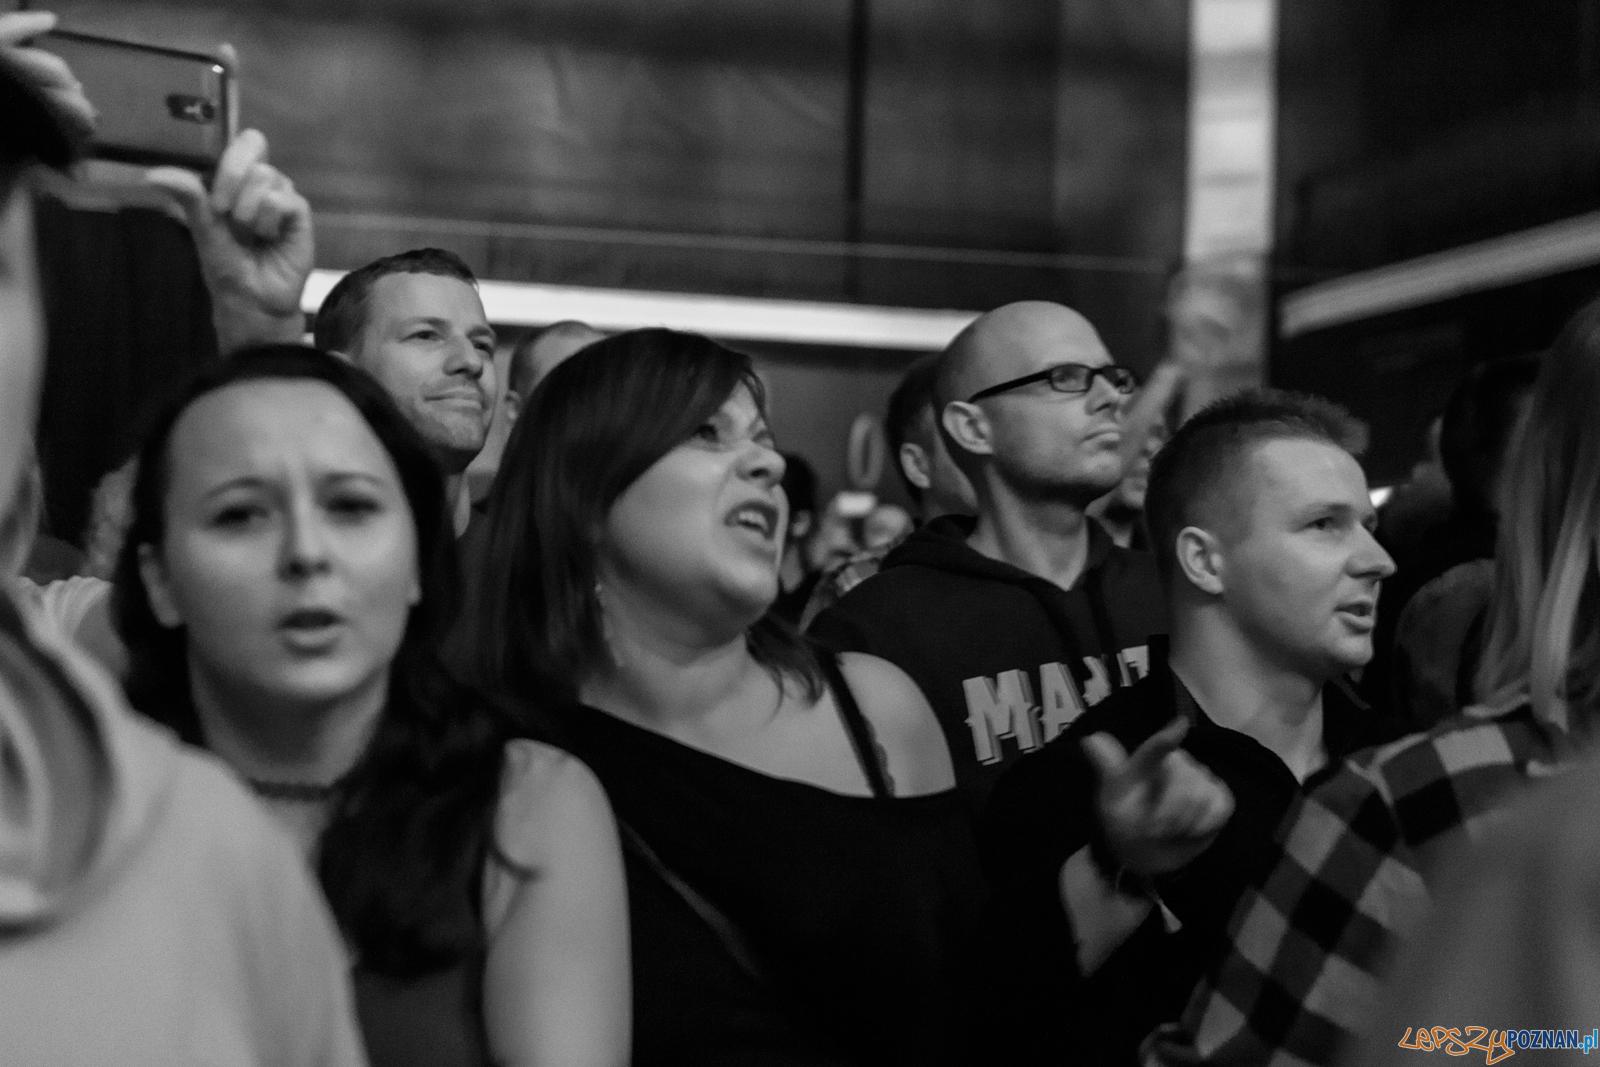 Illusion w klubie TAMA - Poznań 11.03.2018 r.  Foto: LepszyPOZNAN.pl / Paweł Rychter